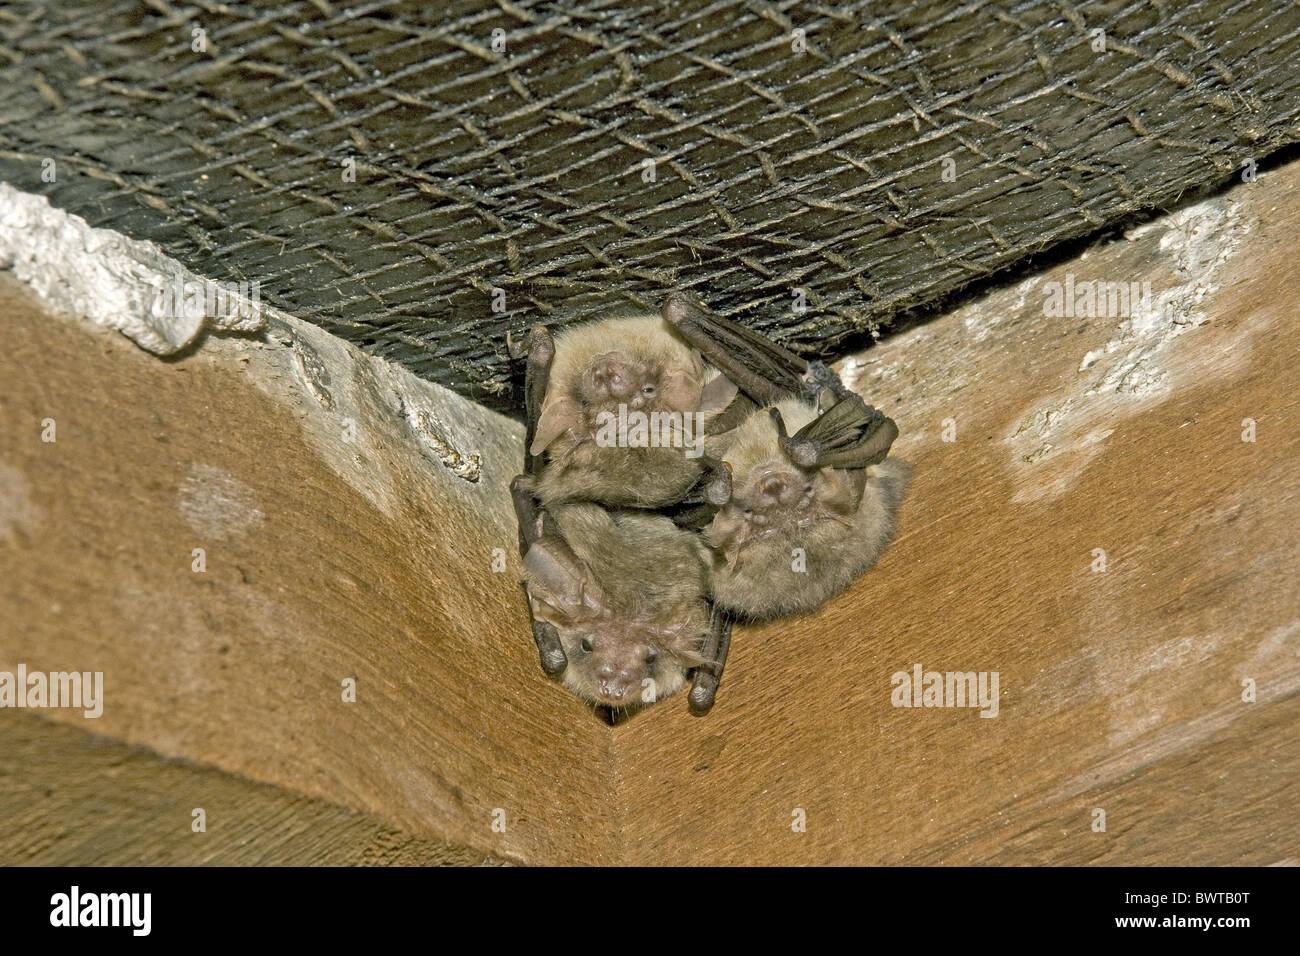 three natterer s bats myotis nattereri roosting house loft roofing